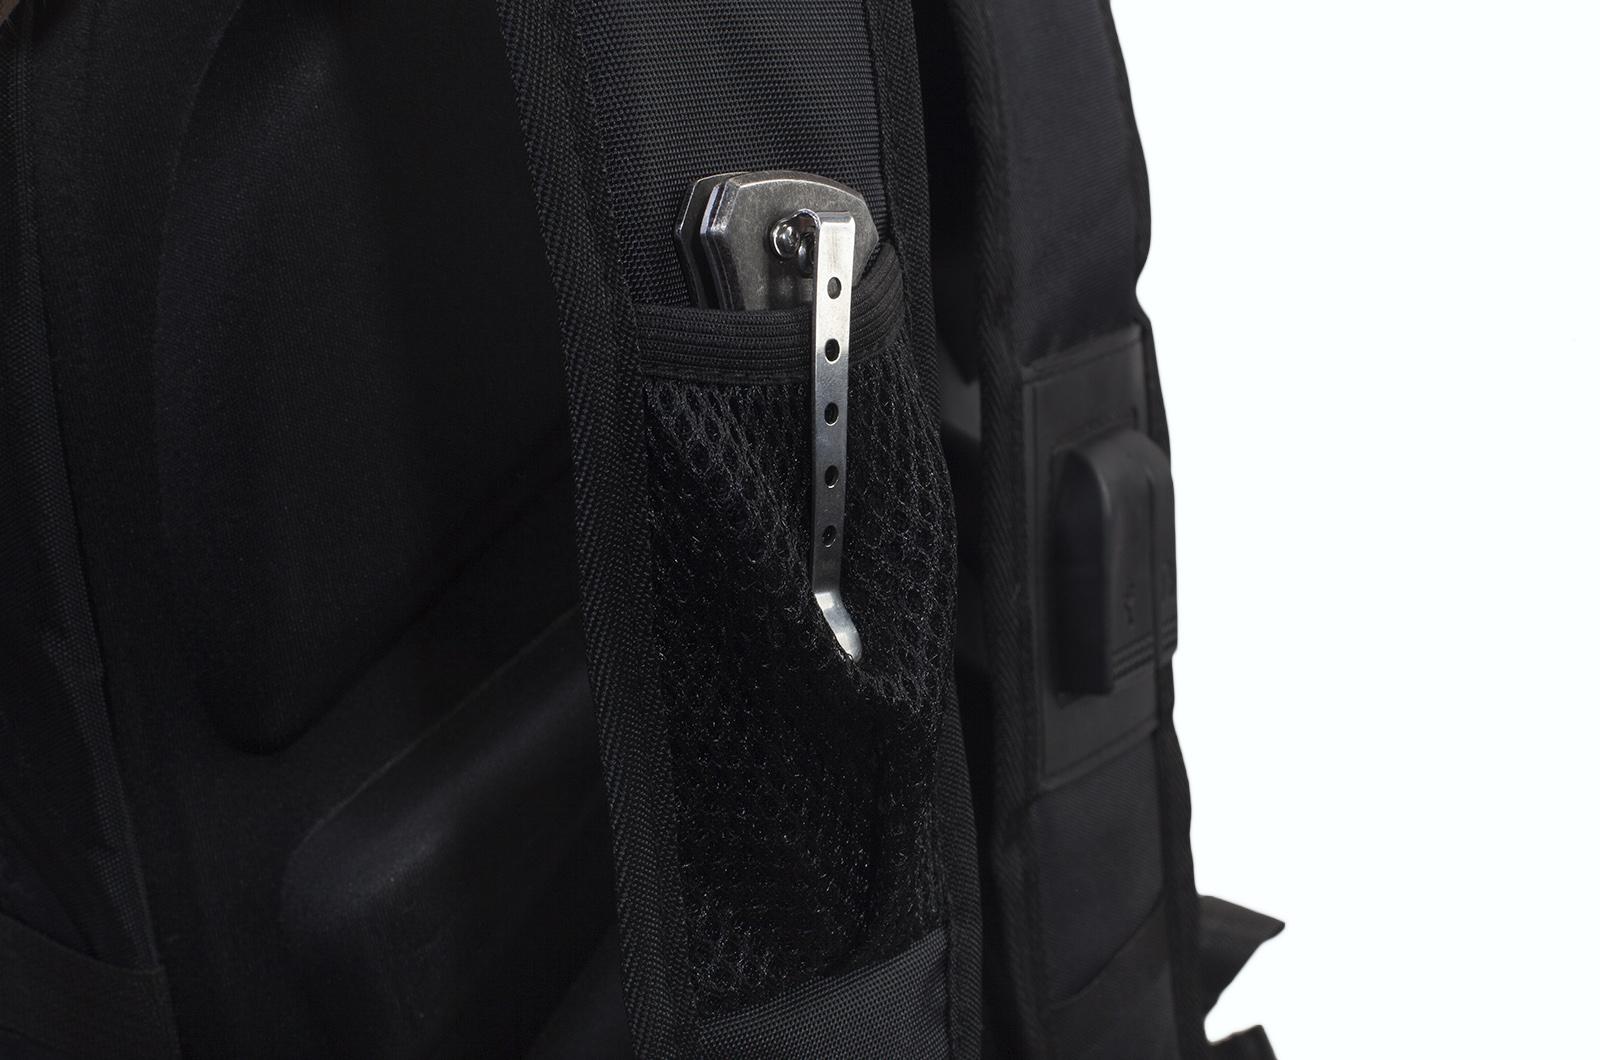 Черный практичный рюкзак с нашивкой Войсковой разведки купить в подарок